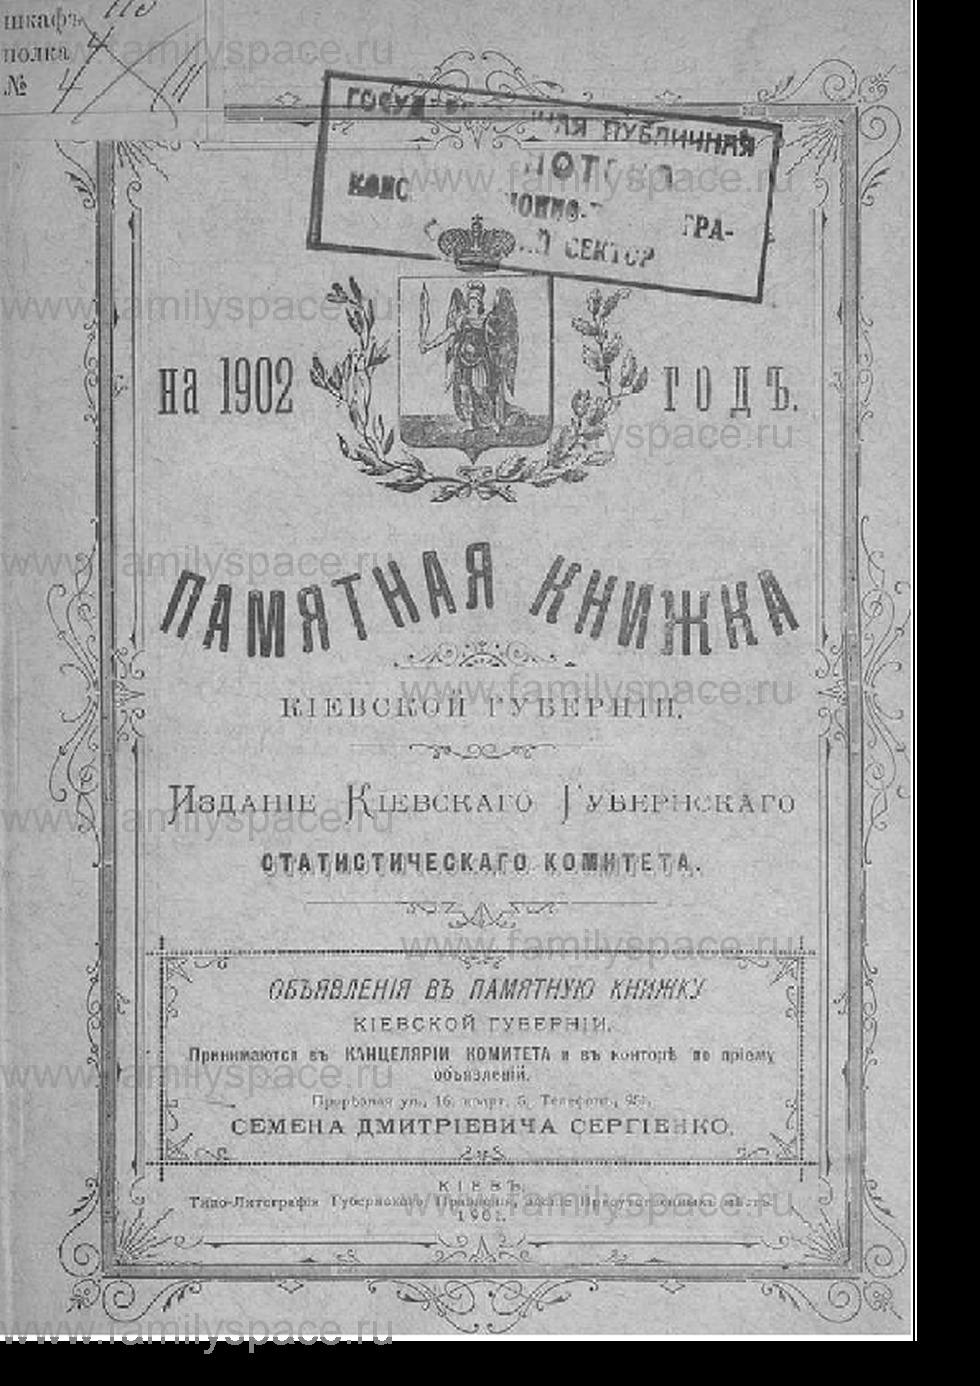 Поиск по фамилии - Памятная книжка Киевской губернии на 1902 год, страница 5